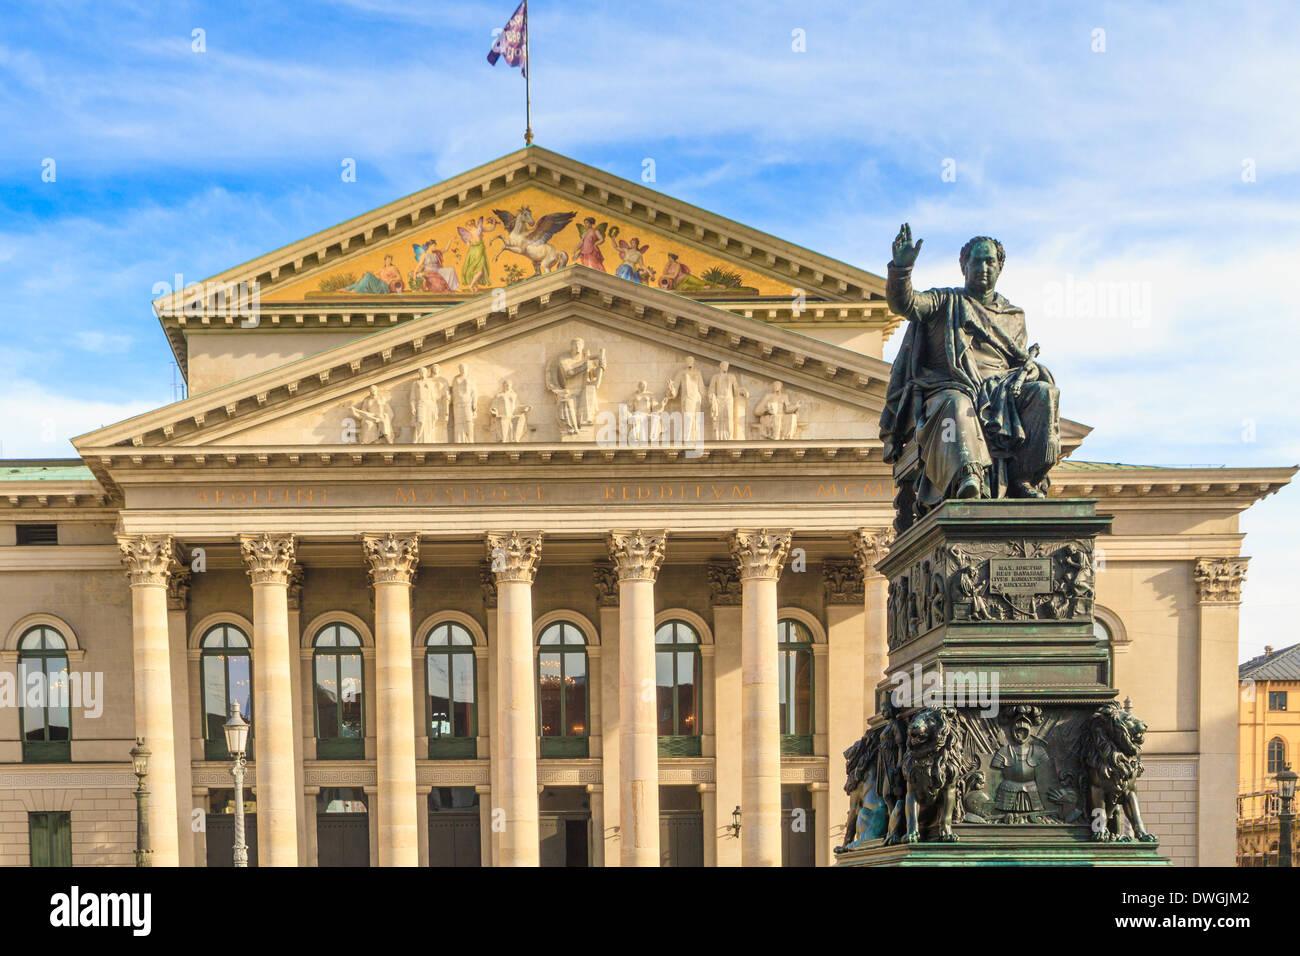 Munich, Bavarian State Opera / Bayerische Staatsoper, Germany - Stock Image